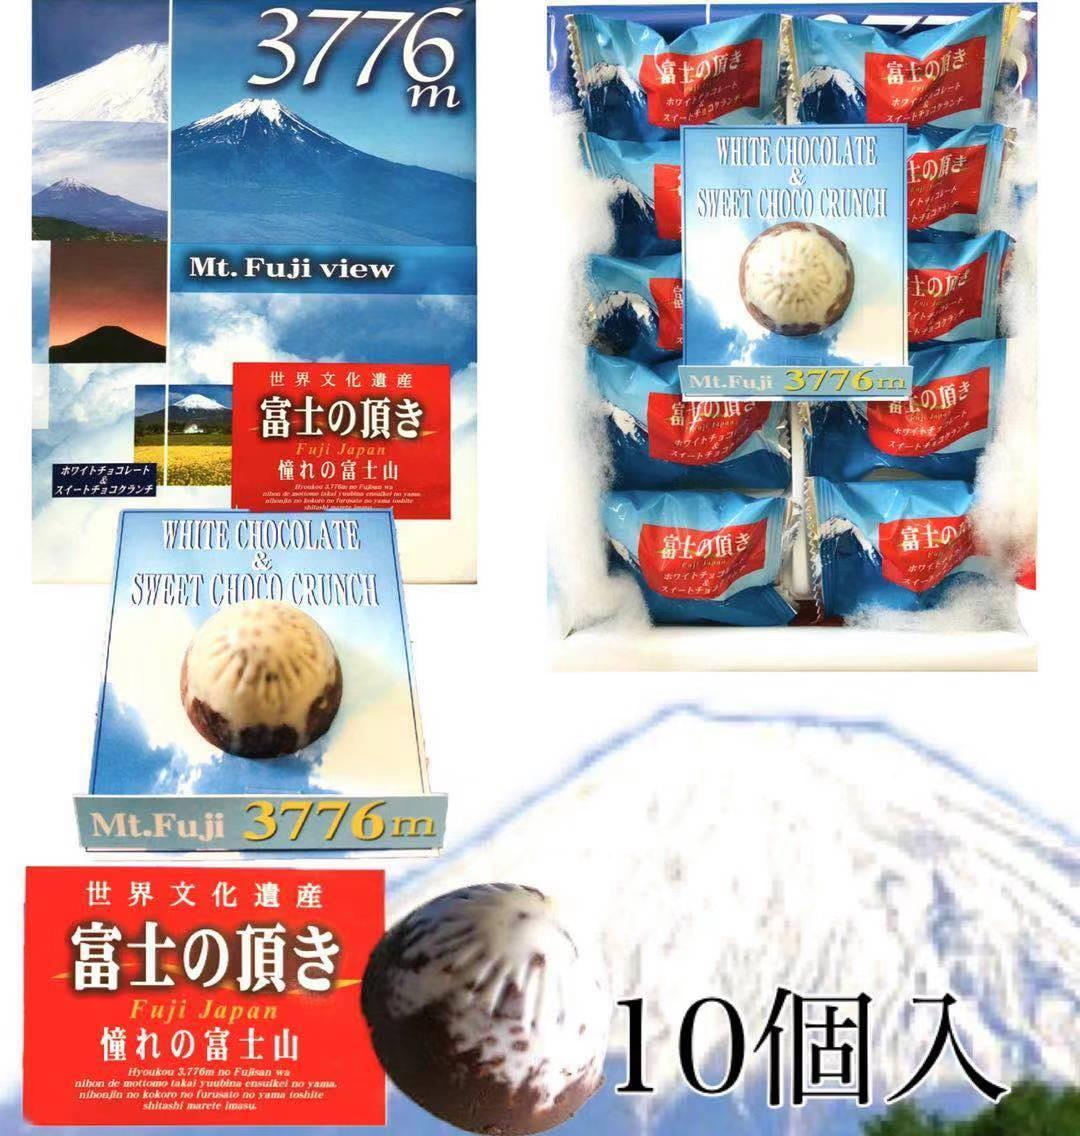 憧れの富士ホワイトチョコ×チョコクランチ 世界文化遺産 富士の頂き 10個 格安 価格でご提供いたします オンライン限定商品 静岡 伊豆 富士山 土産